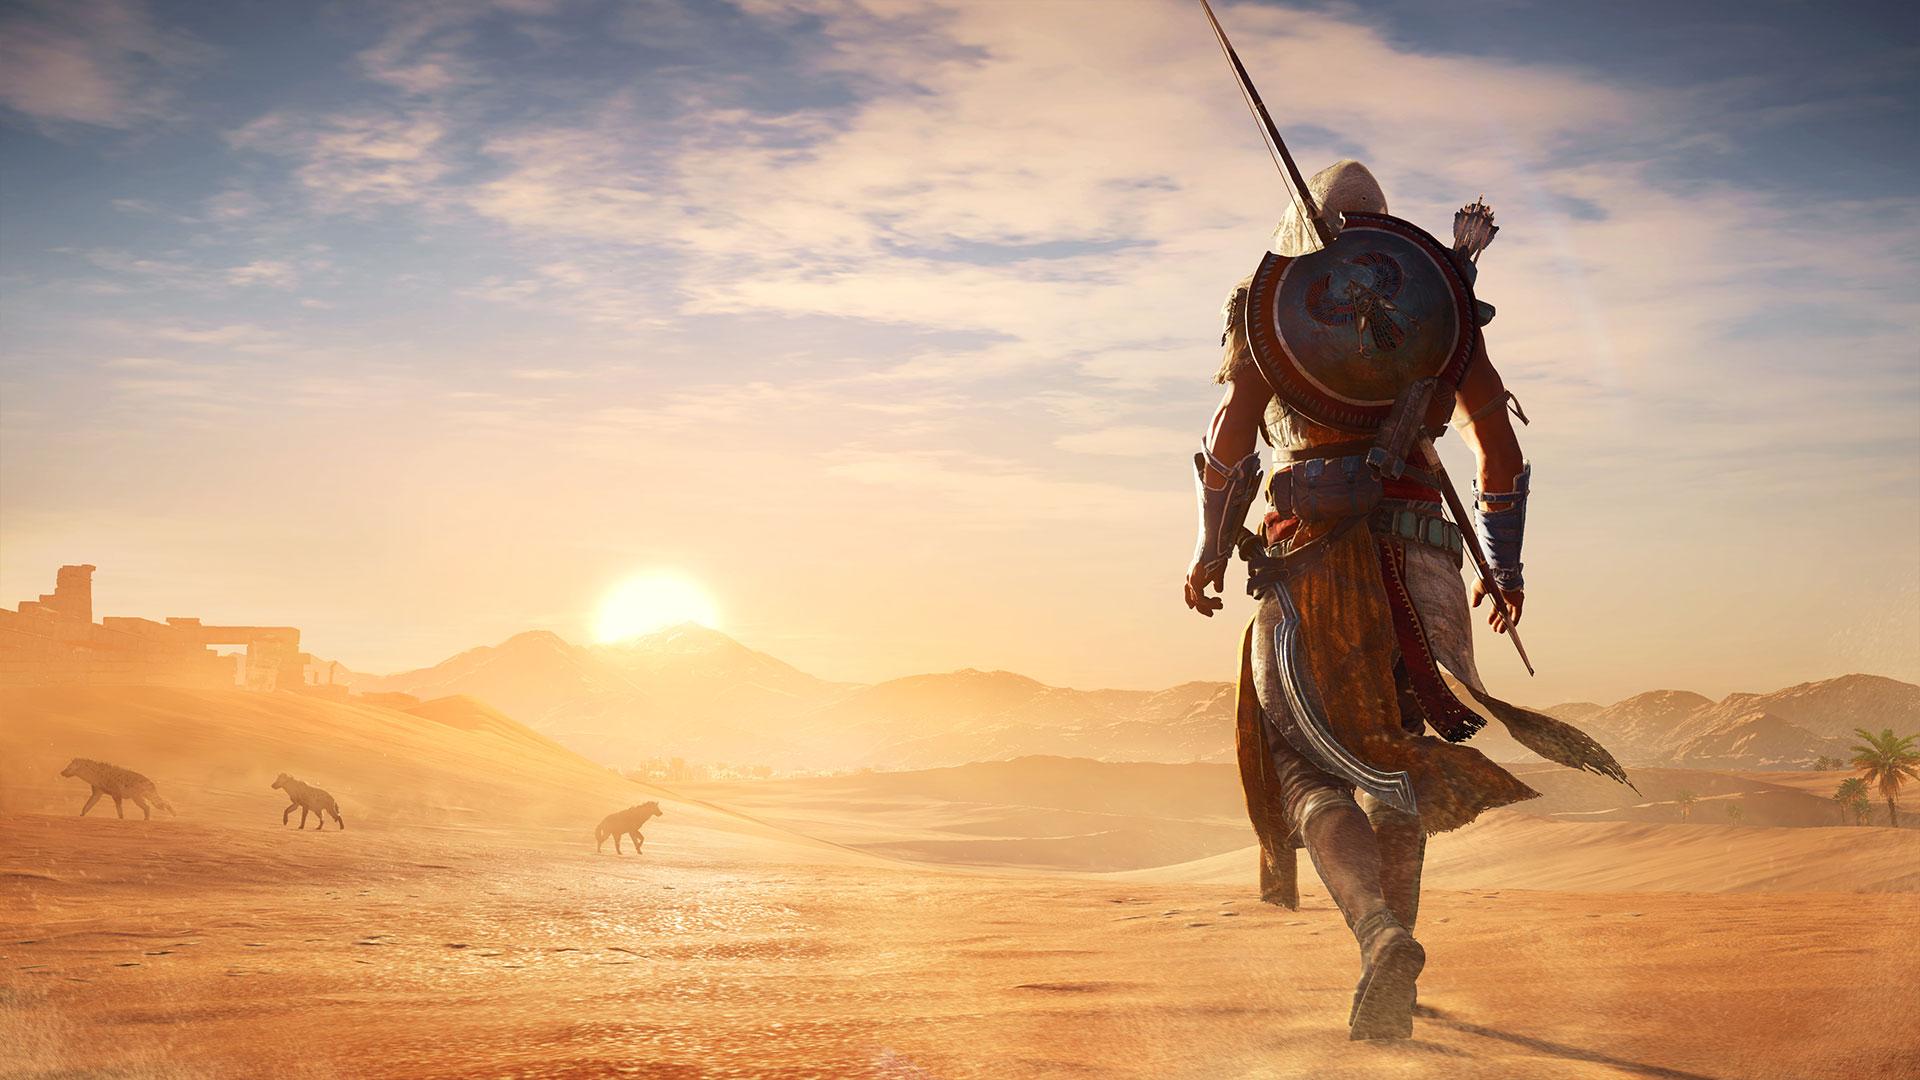 cómo ser rico, fuerte y poderoso en Assassin's Creed: Origins.